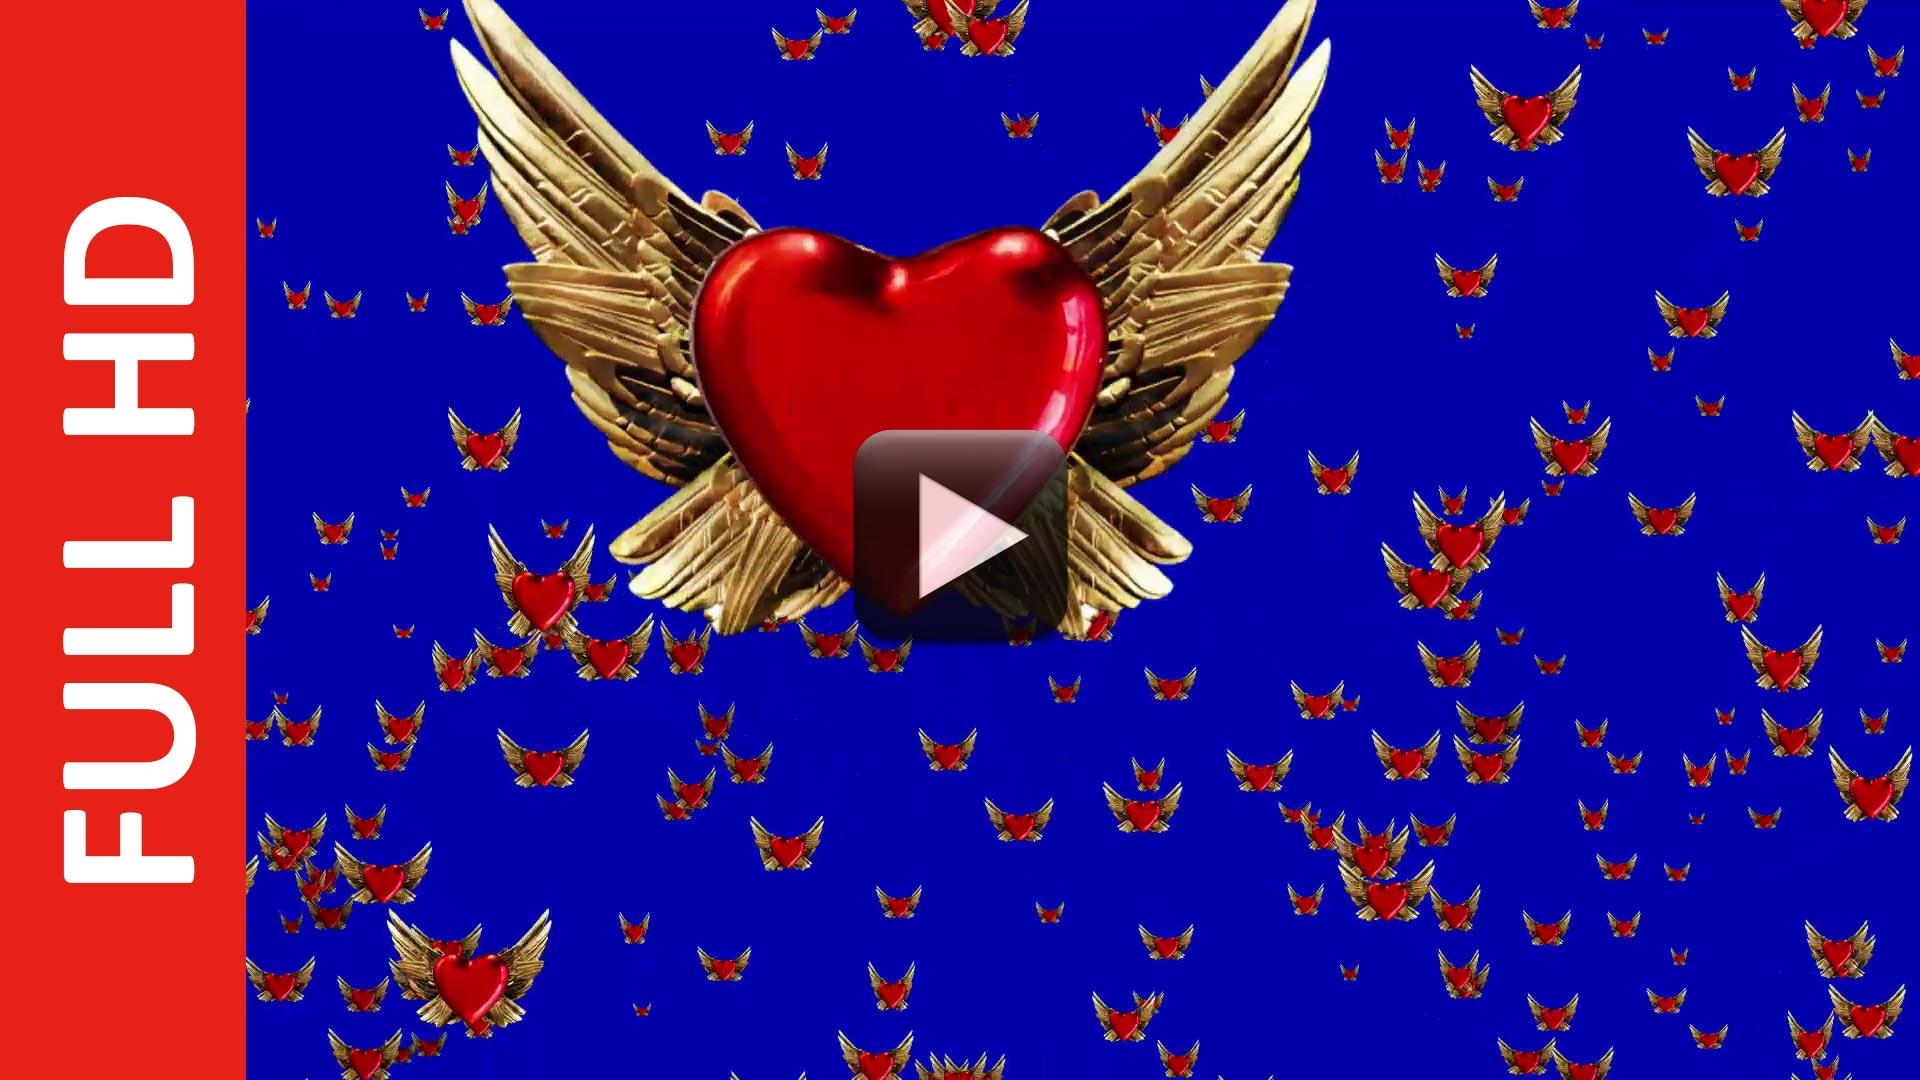 2000 LoveBird Blue Screen Background Video Effect